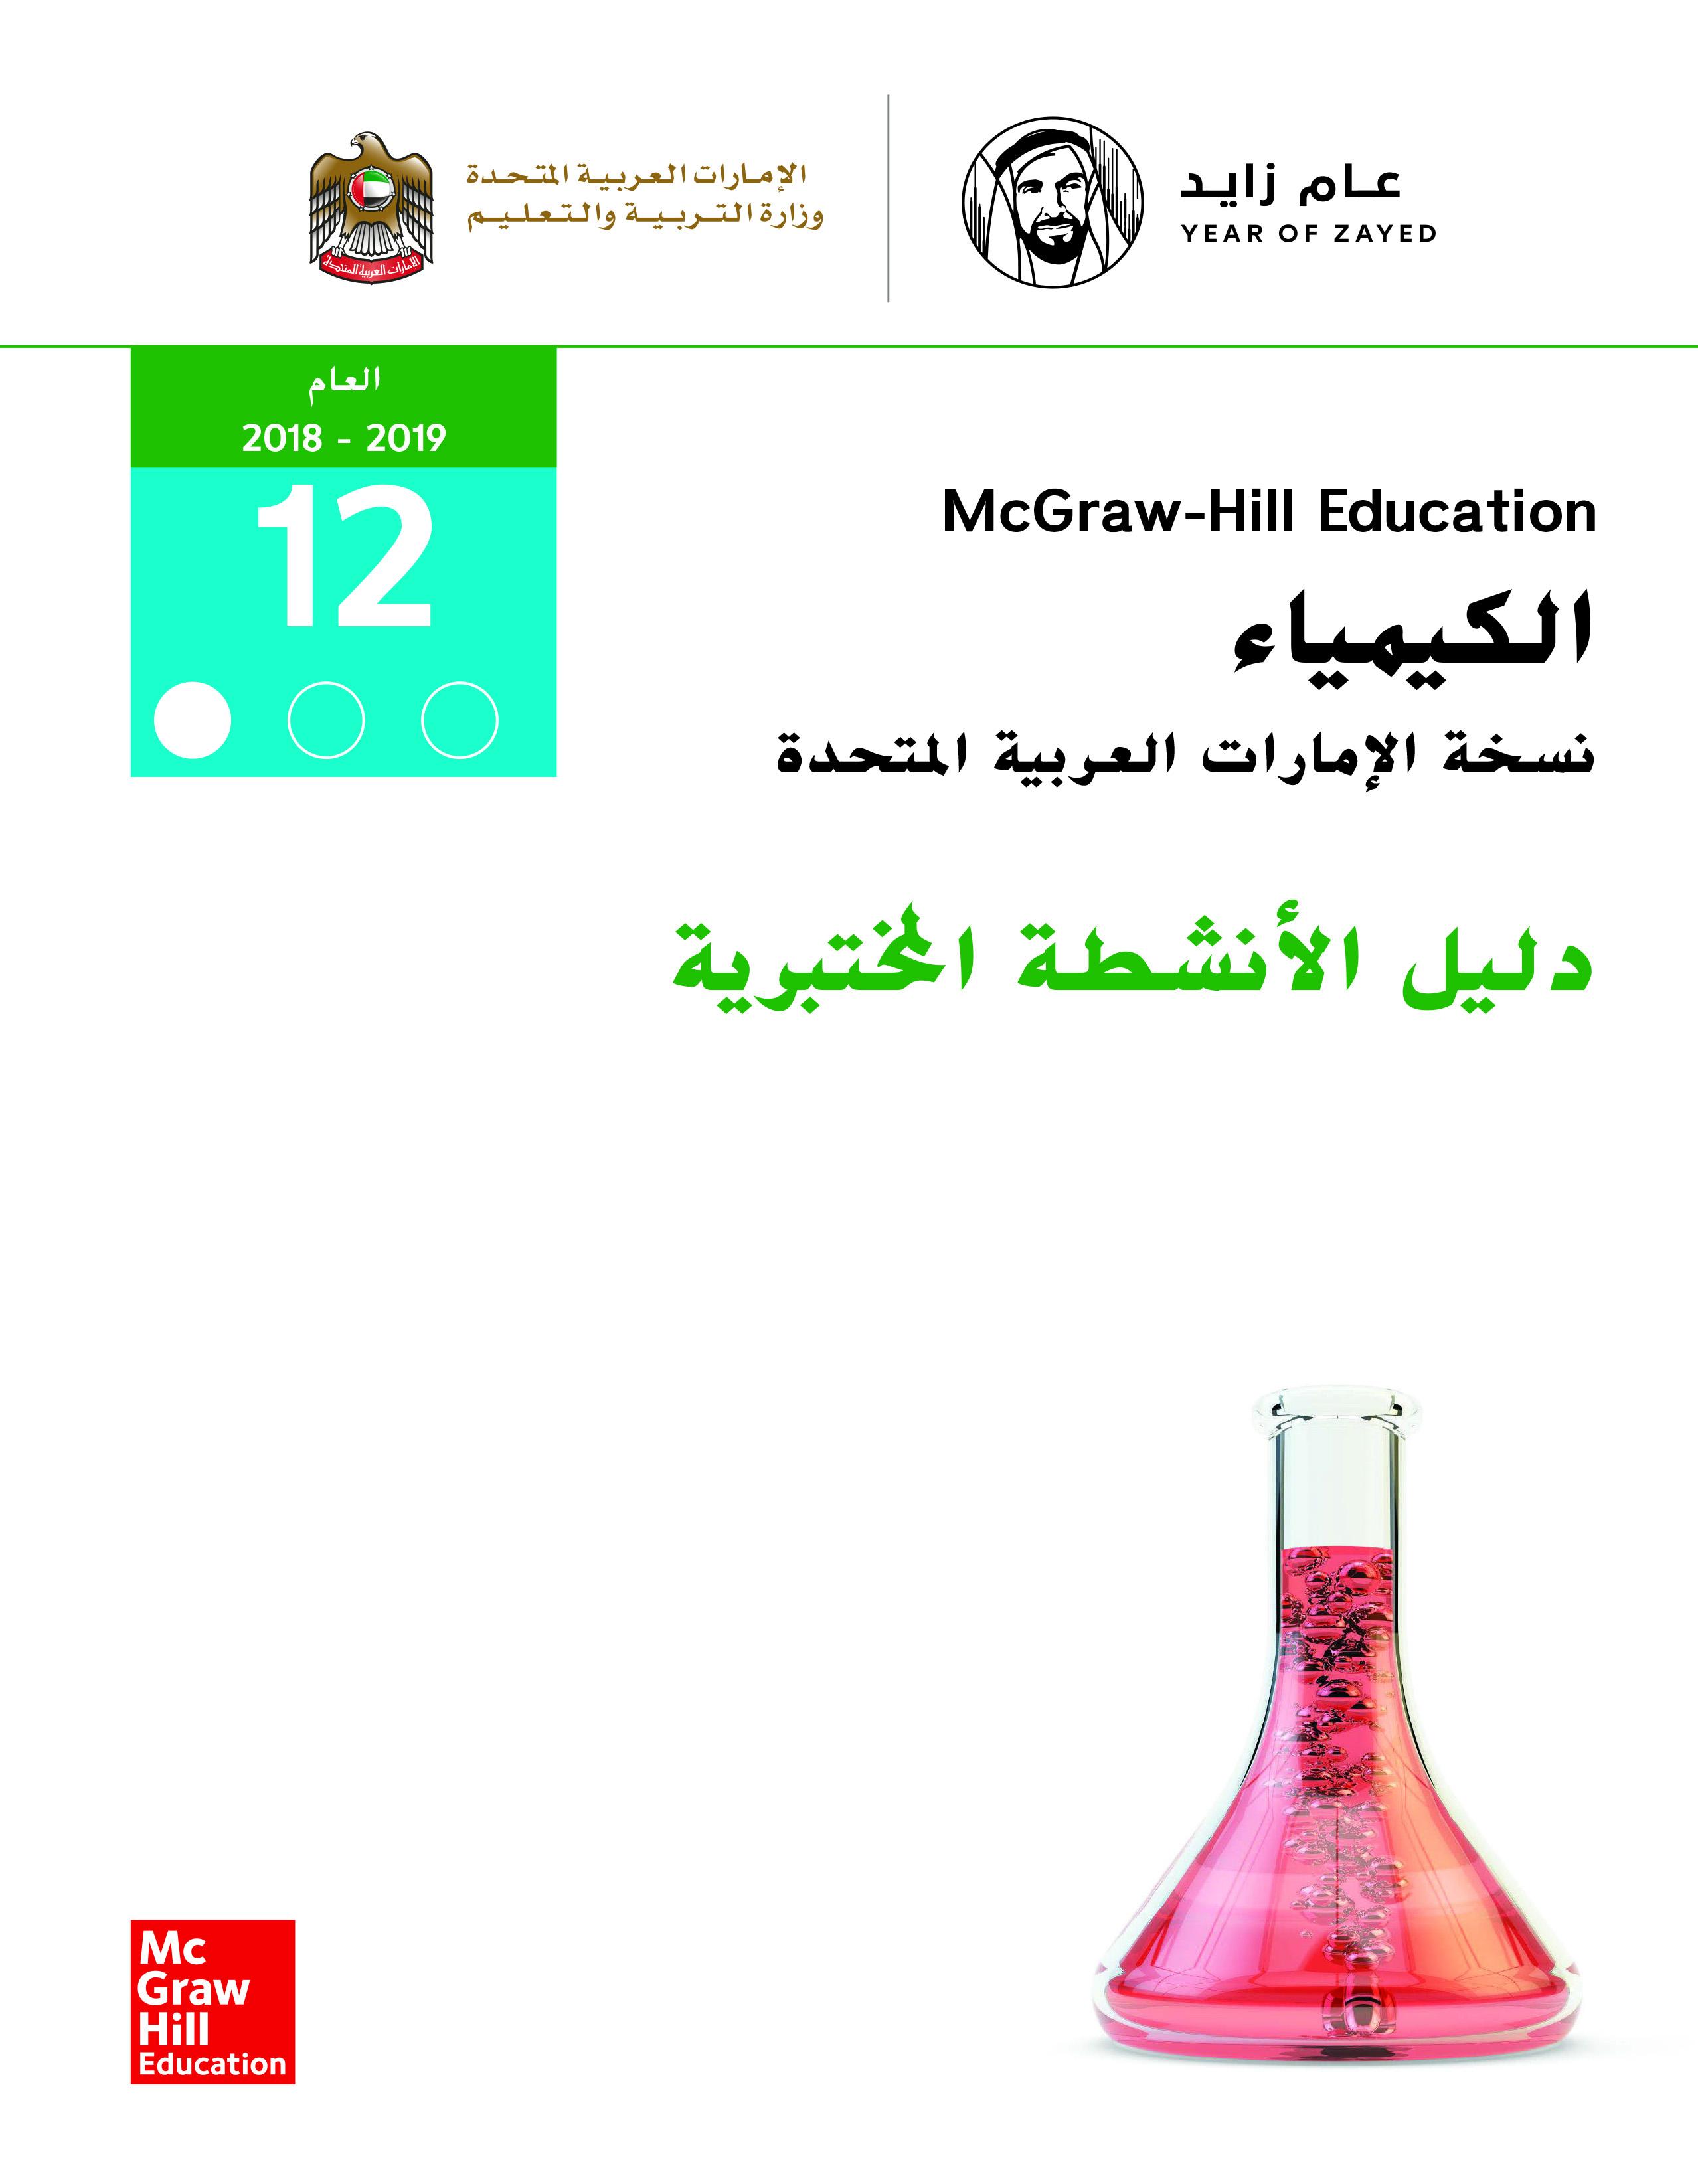 الكيمياء- دليل الأنشطة المختبرية - كتاب الطالب - الصف الثاني عشر العام  - الجزء الأول